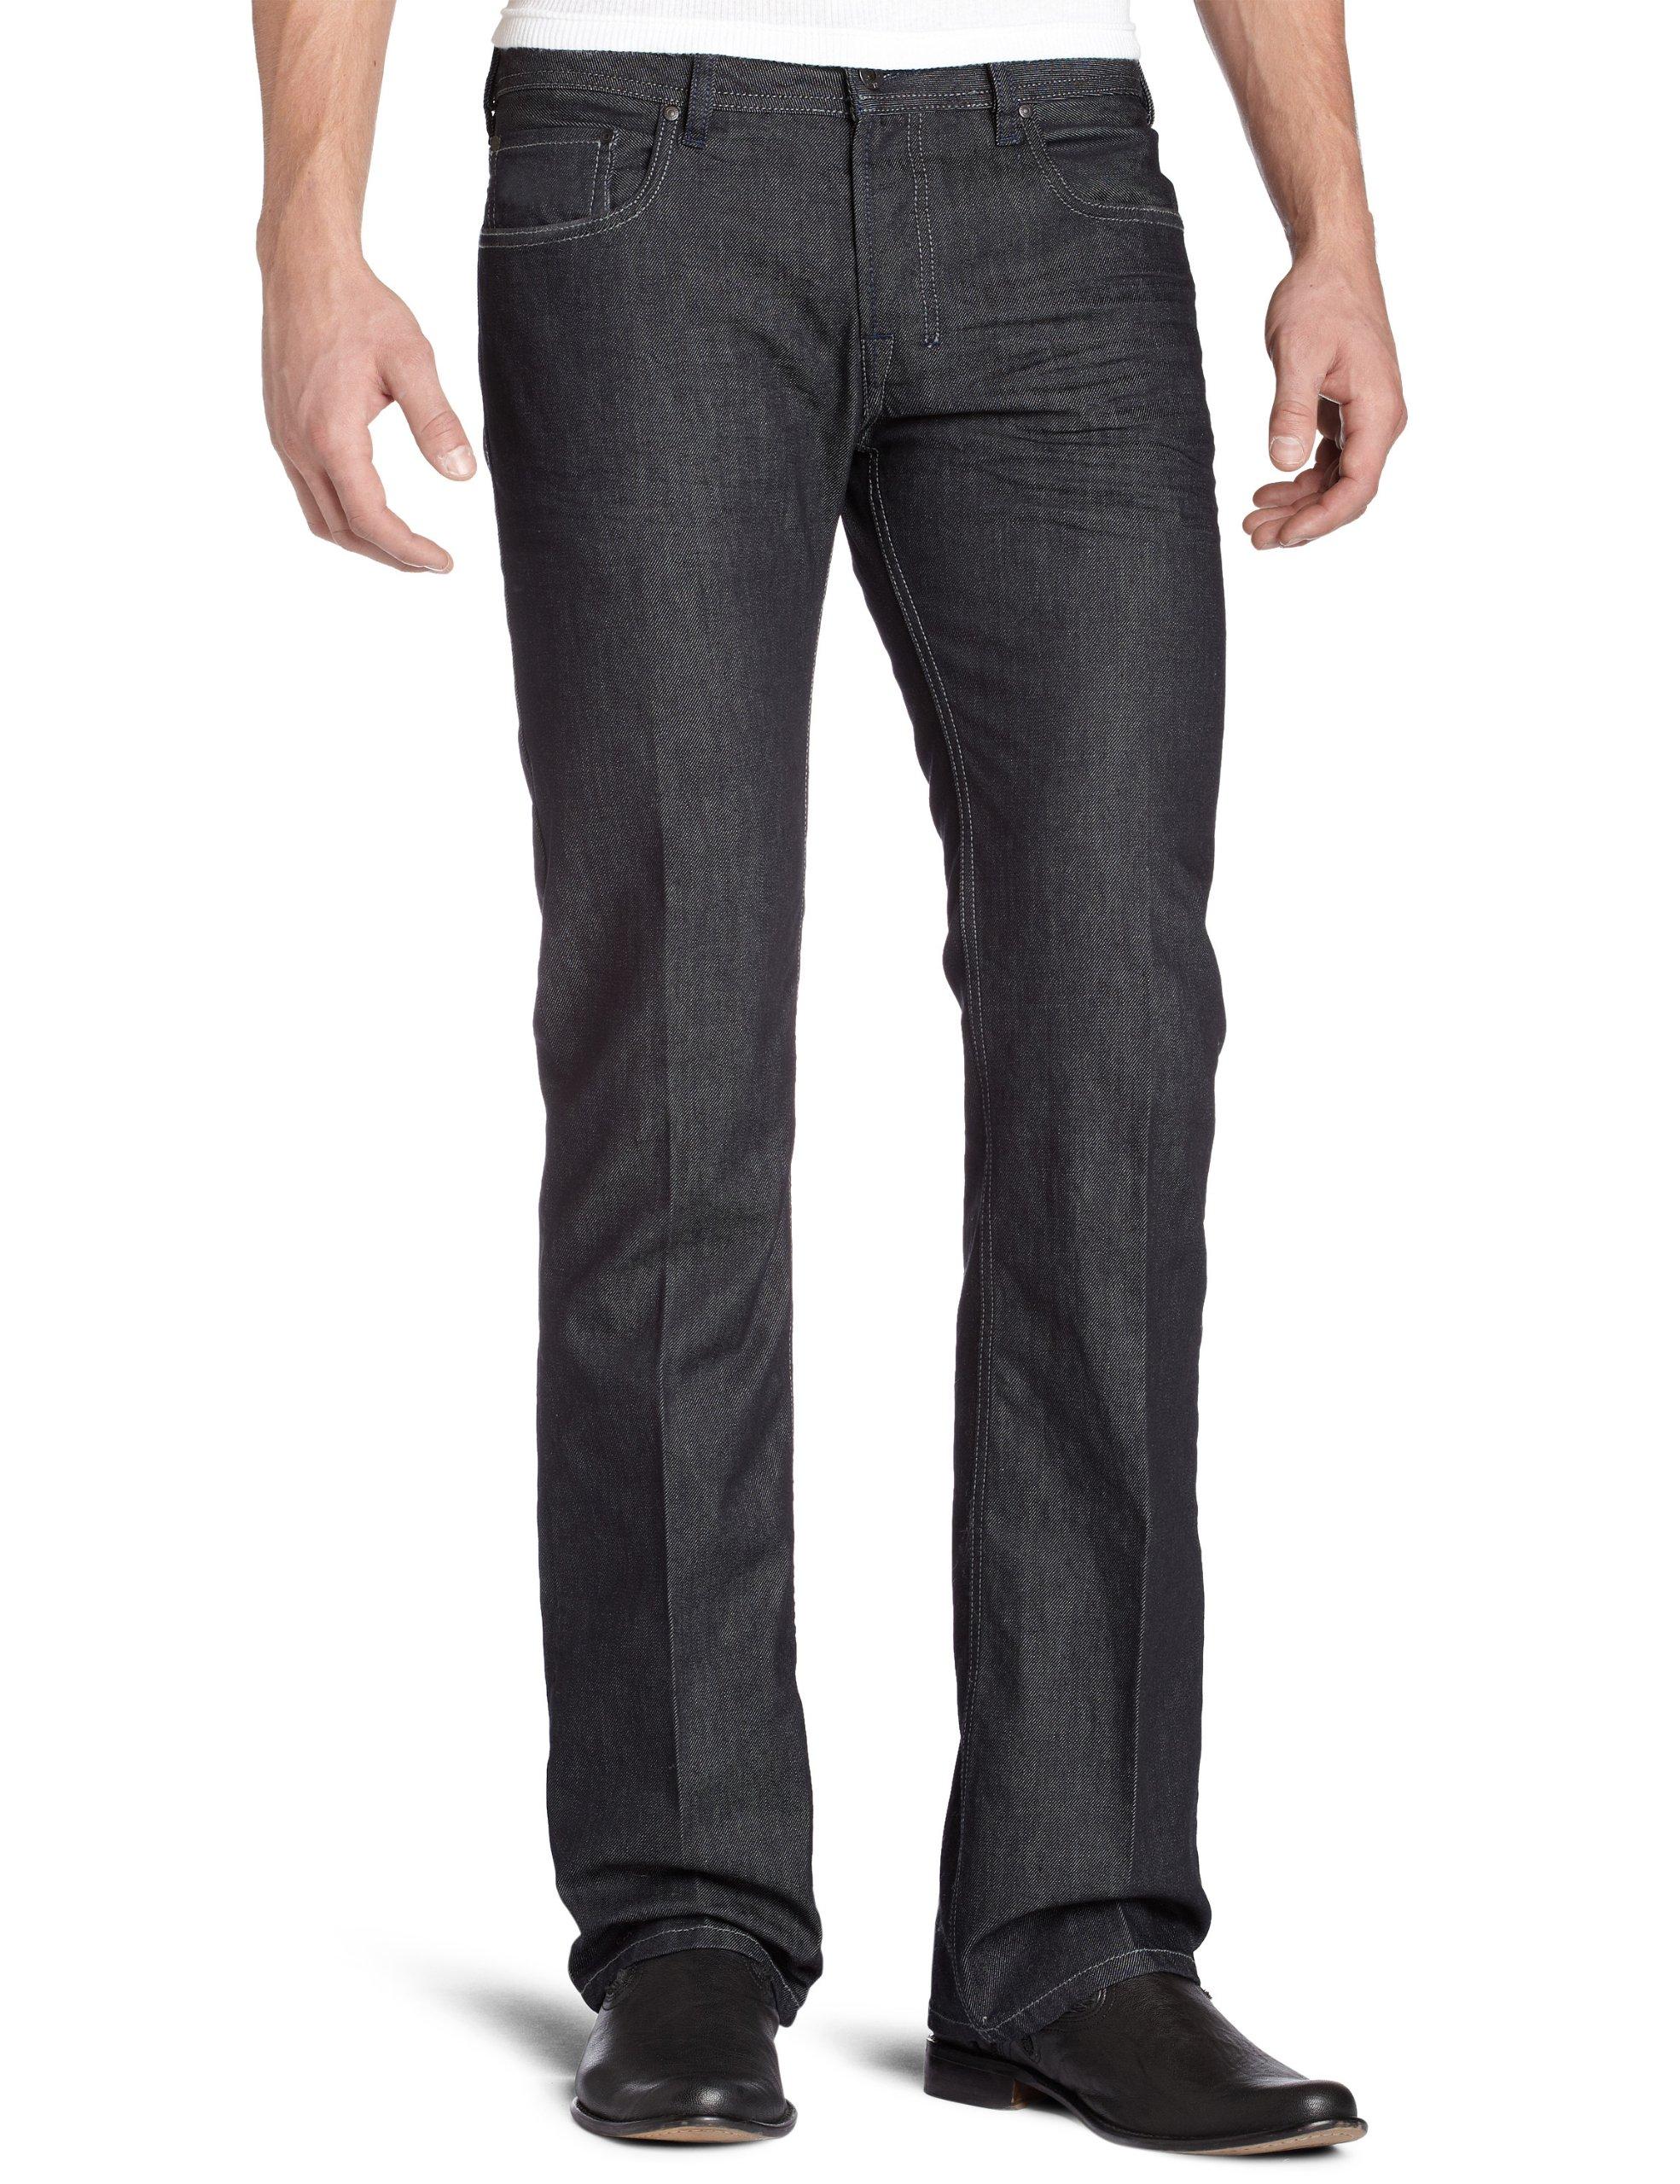 Diesel Men's Zatiny Slim Micro-Bootcut Jean 0088Z, Denim, 31x34